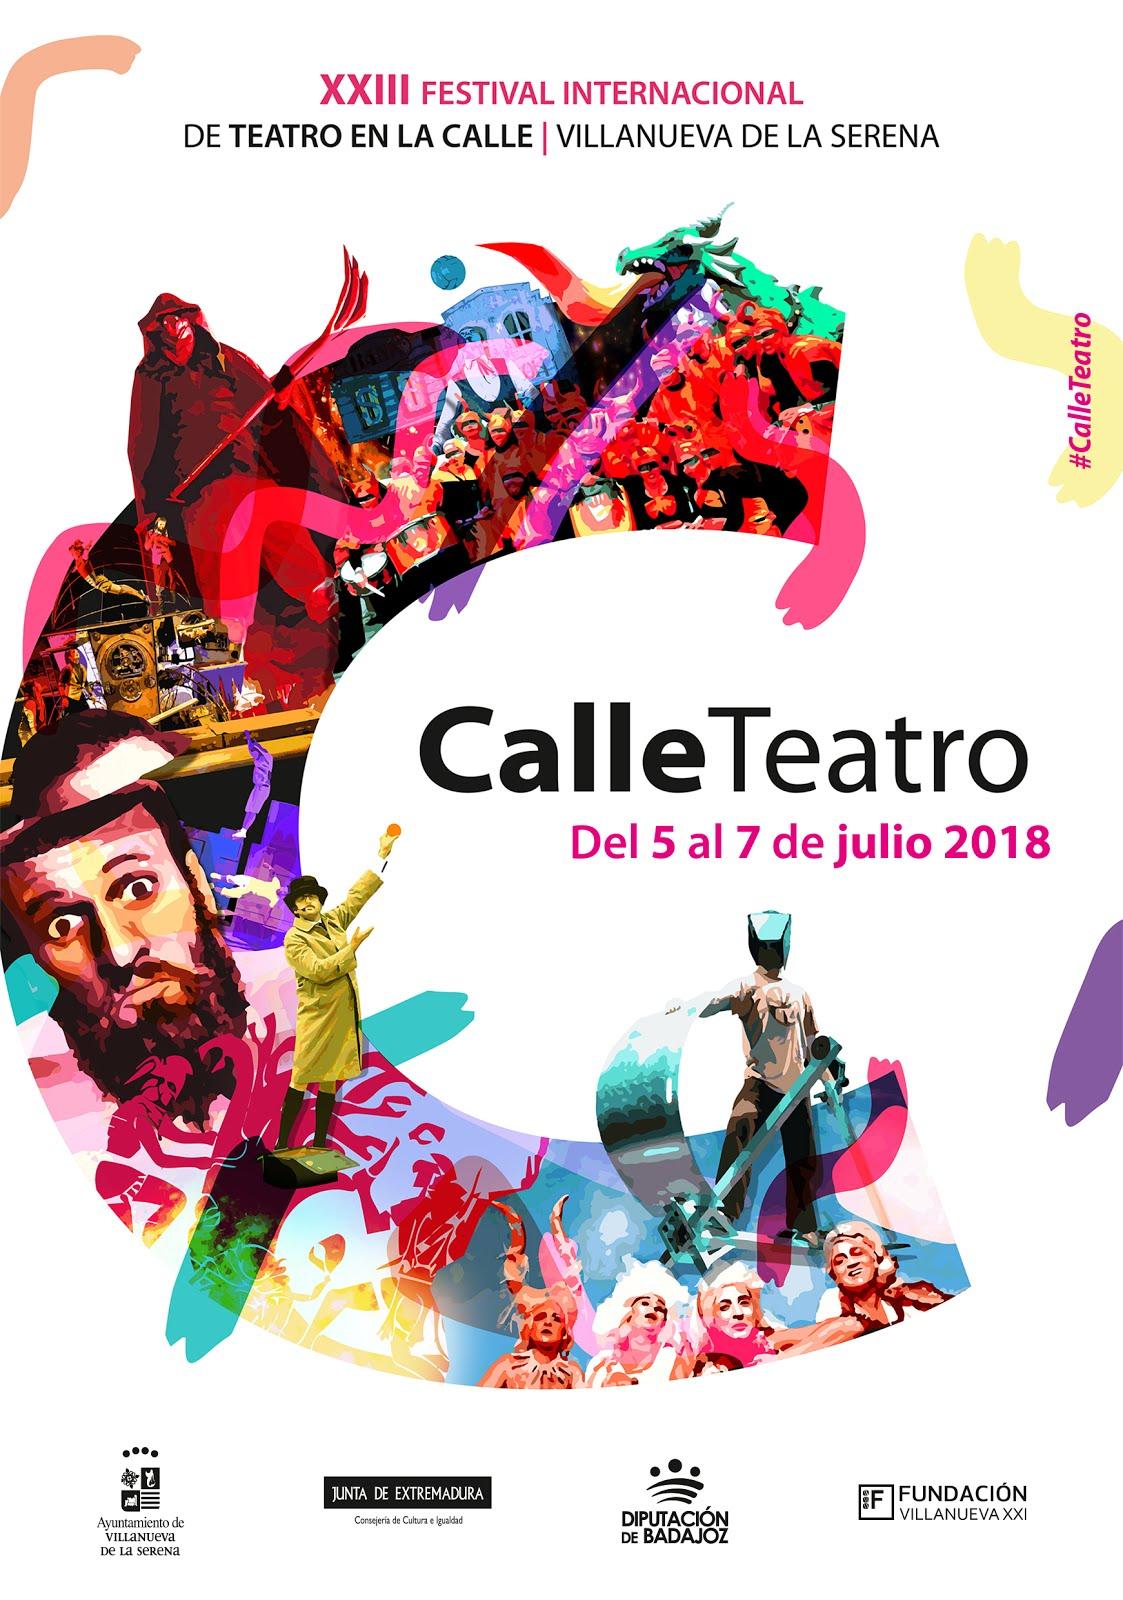 Teatro en la Calle Villanueva de la Serena 2018